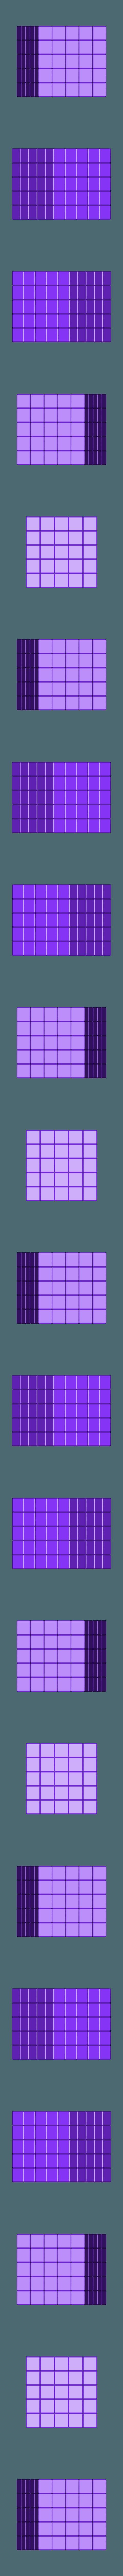 5x5.STL Download free STL file Rubik cube • 3D printer object, Thierryc44